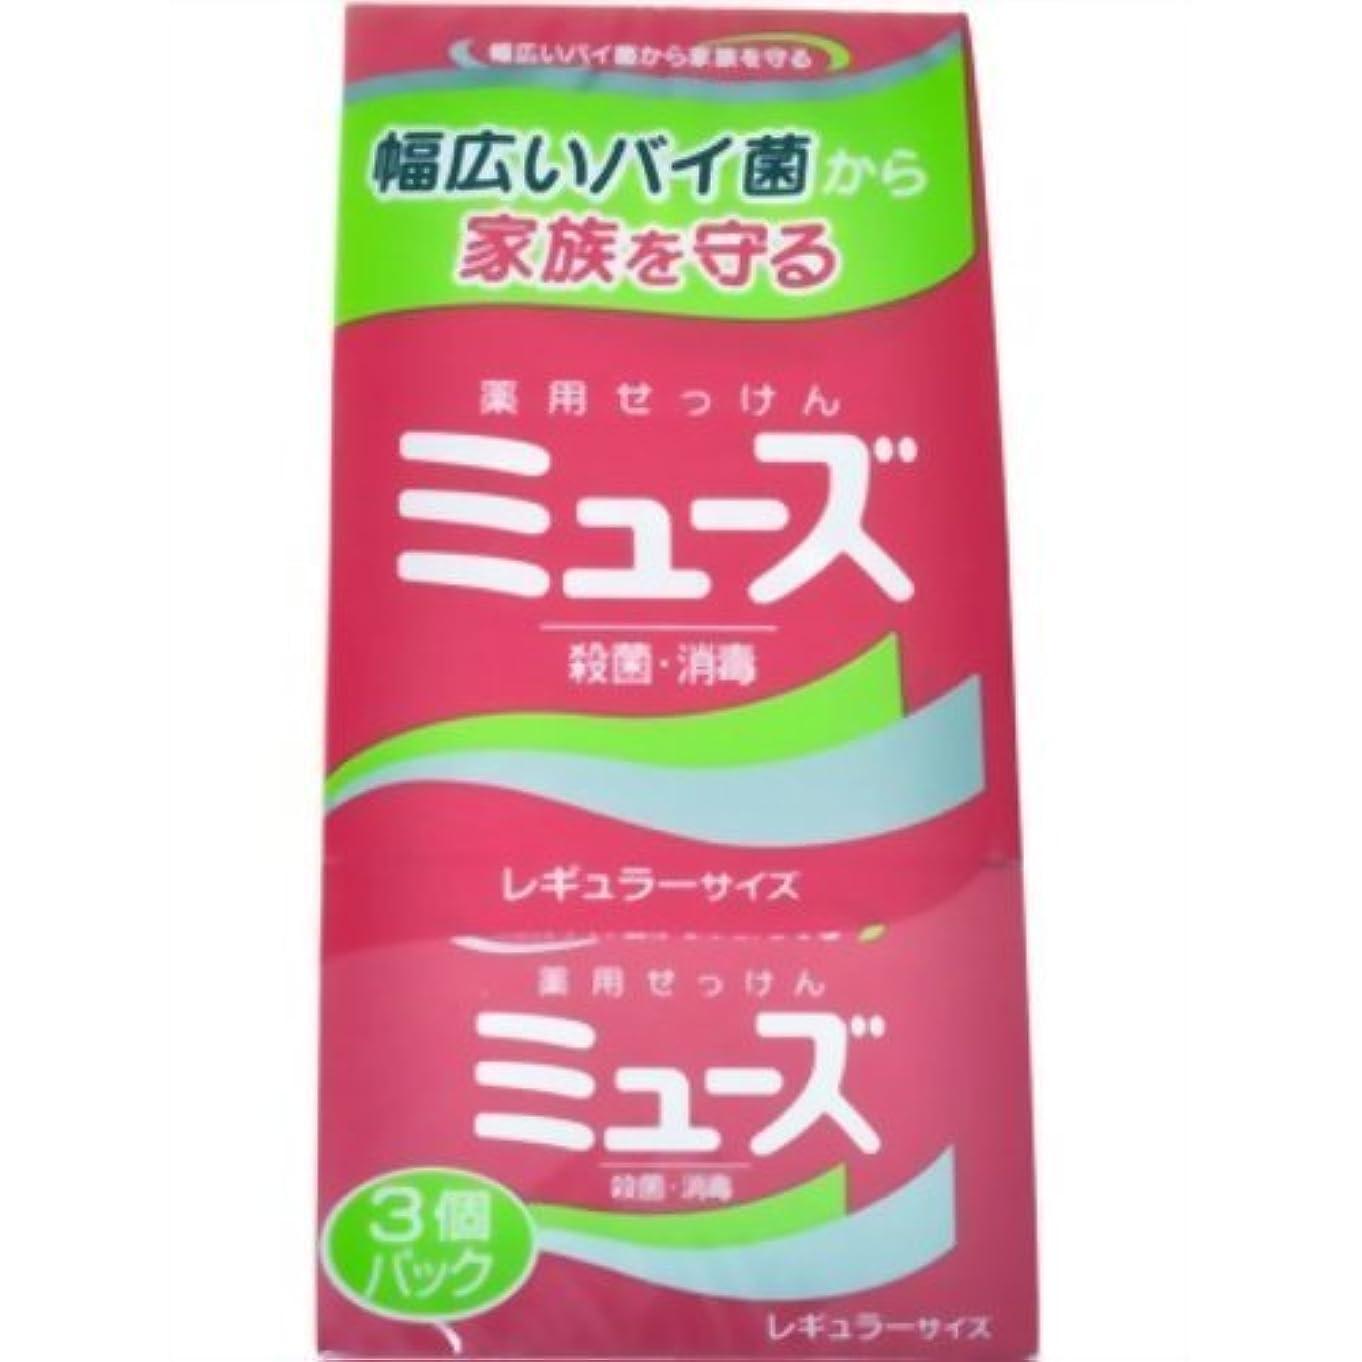 エーカー小売メンターミューズ石鹸 レギュラー 3P ×6個セット